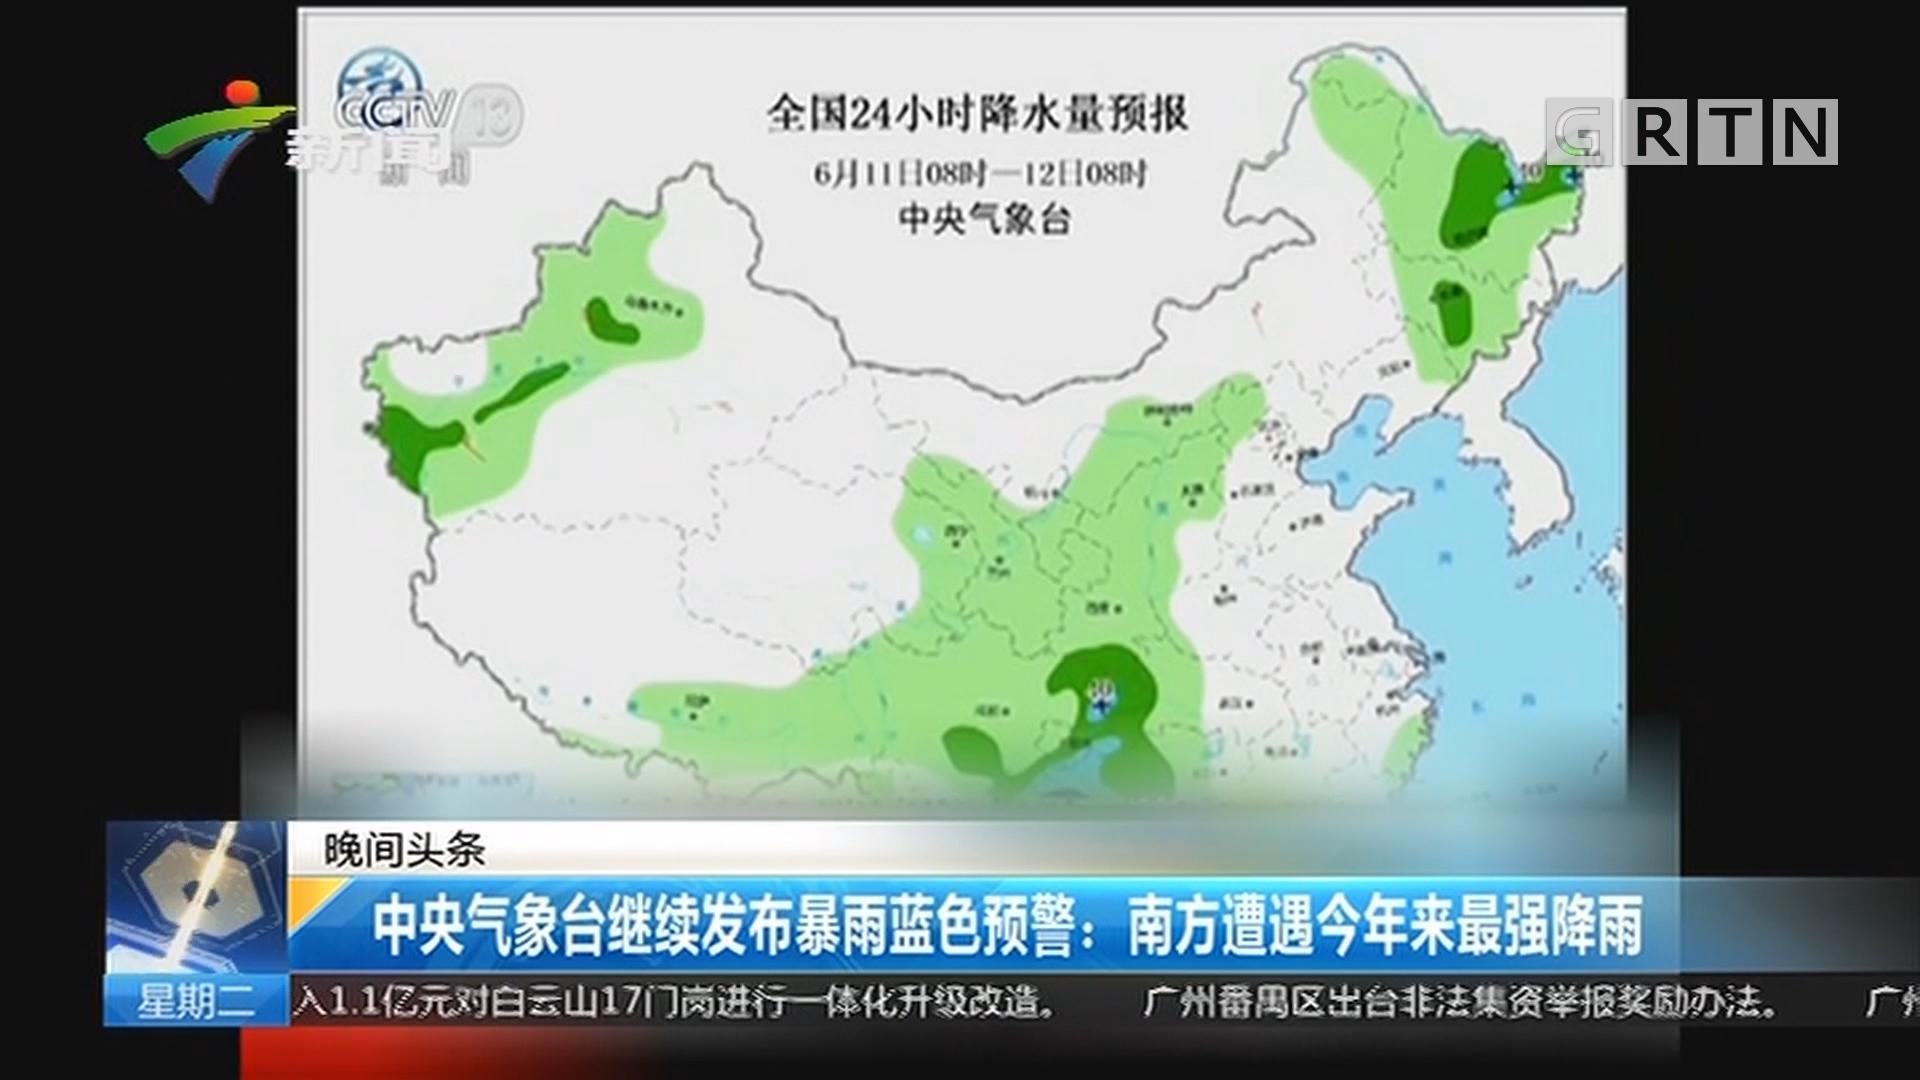 中央气象台继续发布暴雨蓝色预警:南方遭遇今年来最强降雨